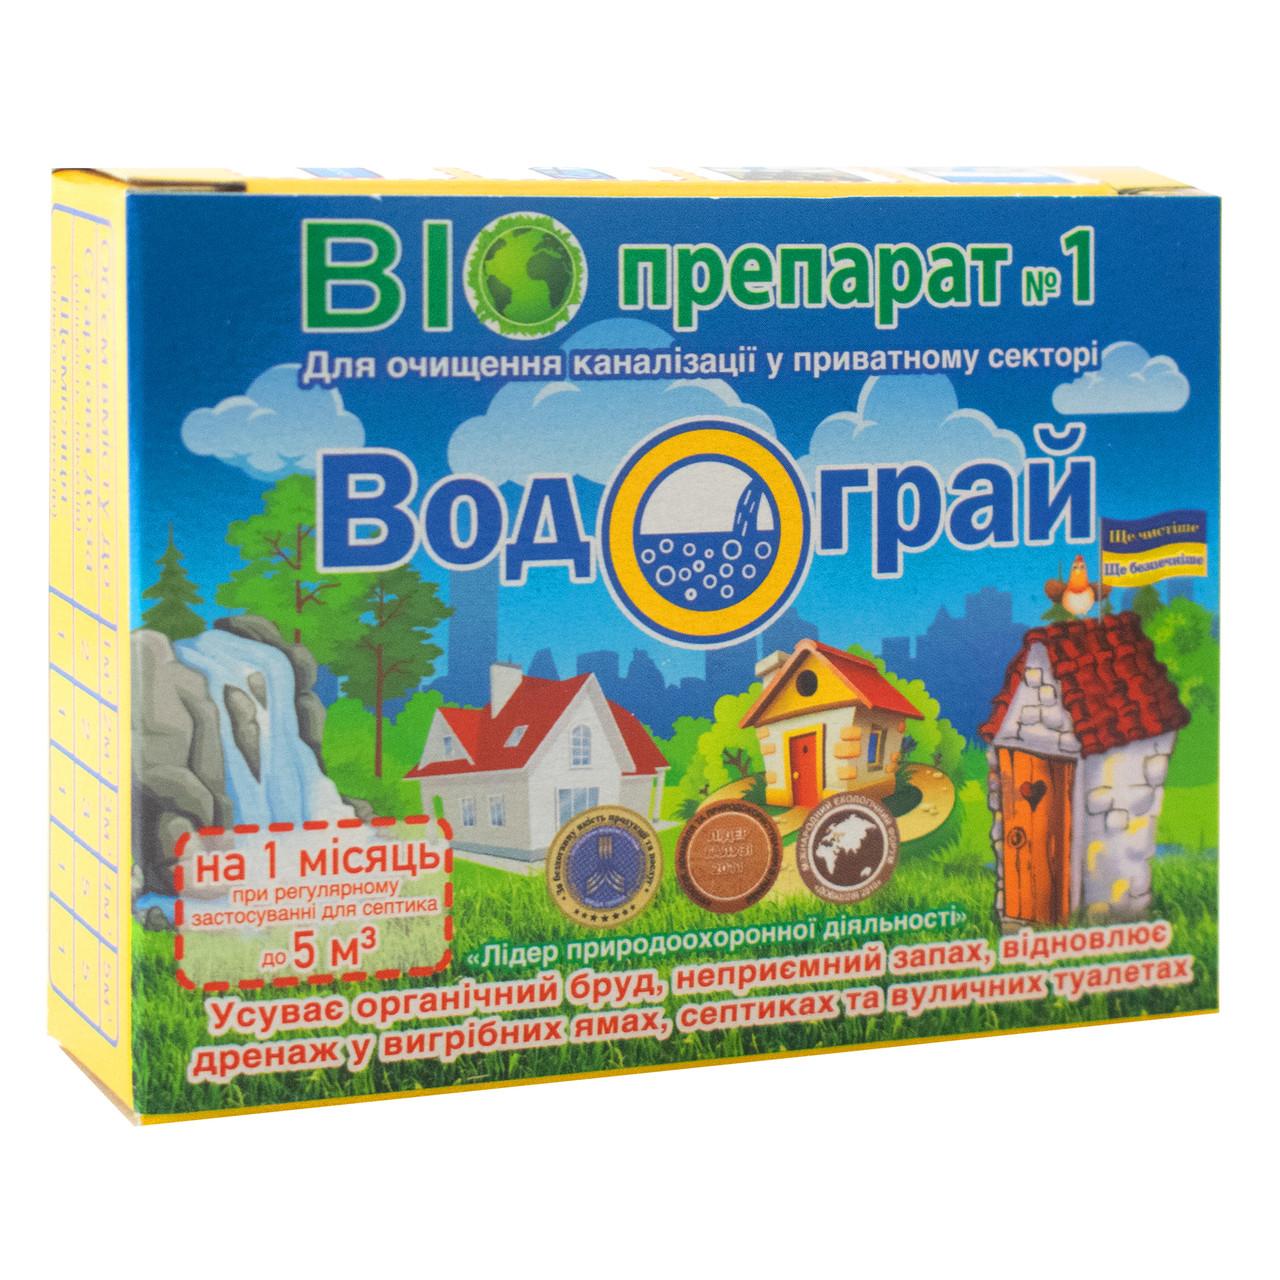 Биодеструктор Водограй для очистки канализации в частном секторе 20 г